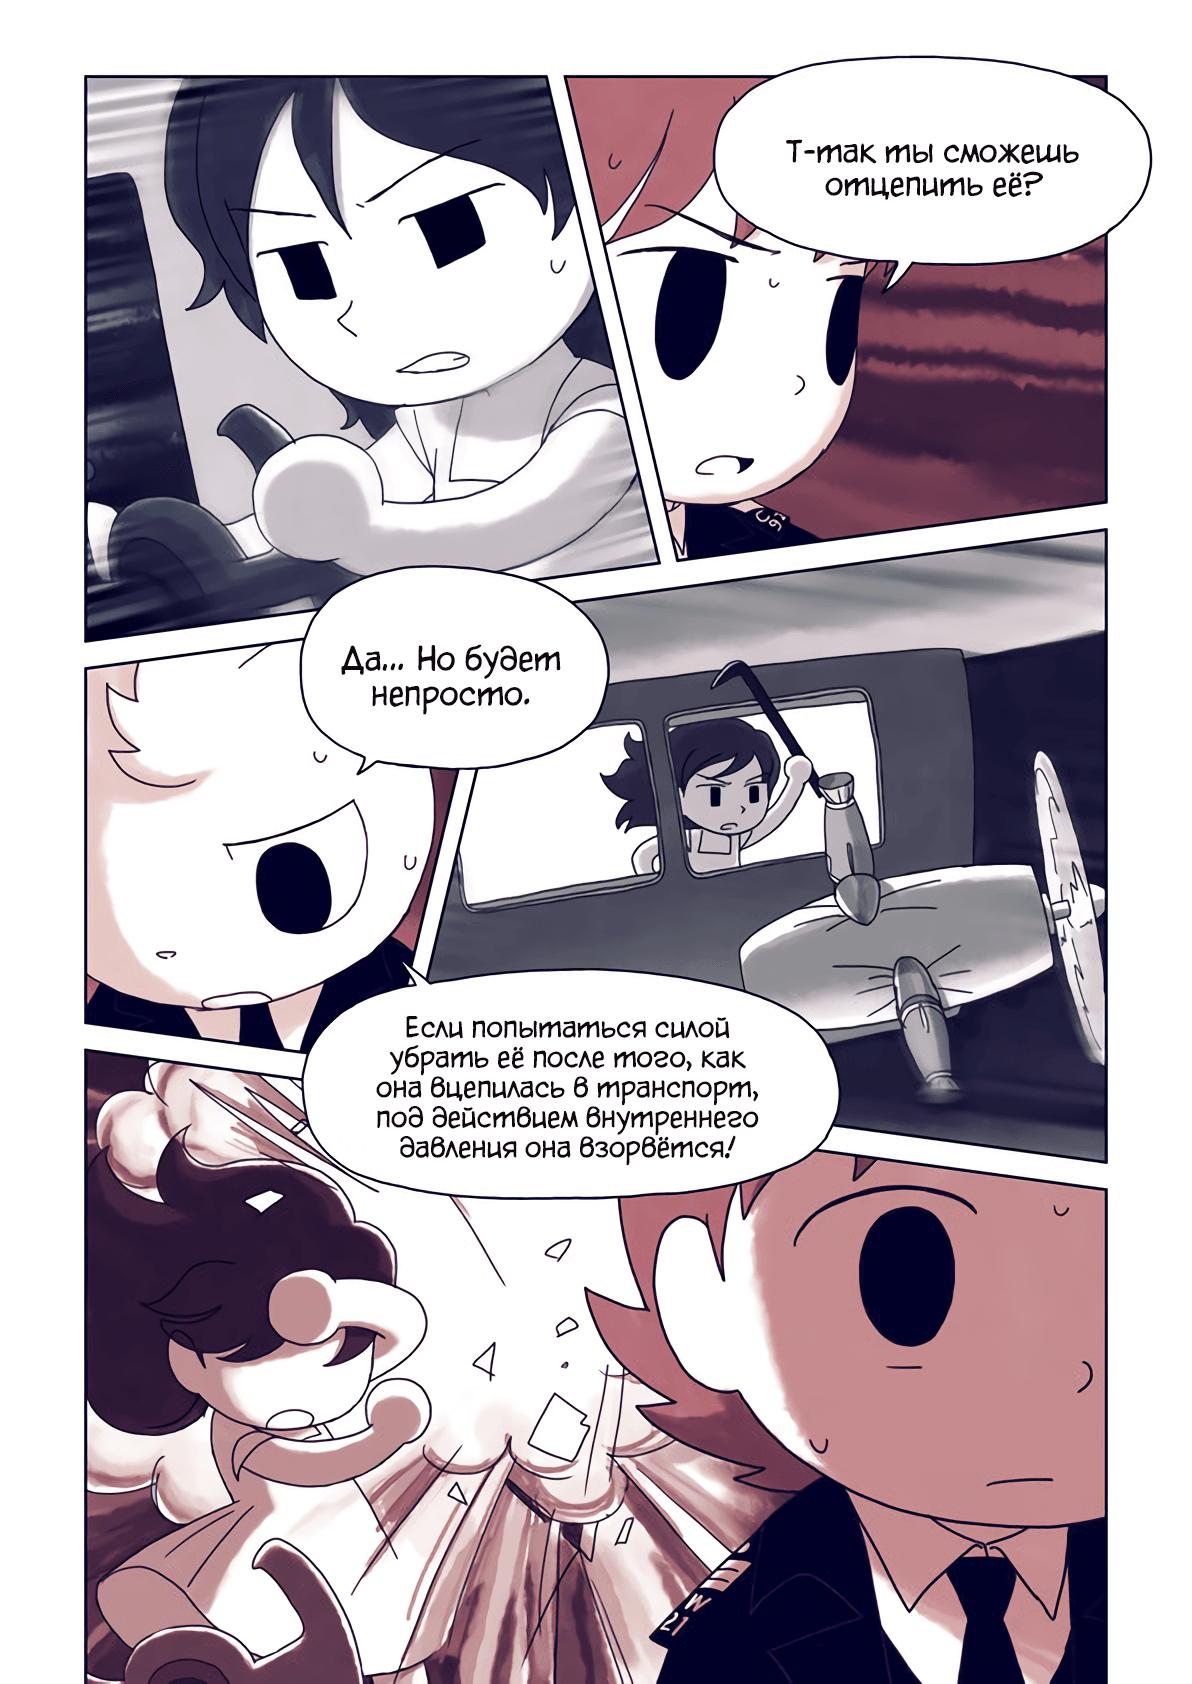 https://r1.ninemanga.com/comics/pic2/5/31749/333766/150530795258.png Page 50